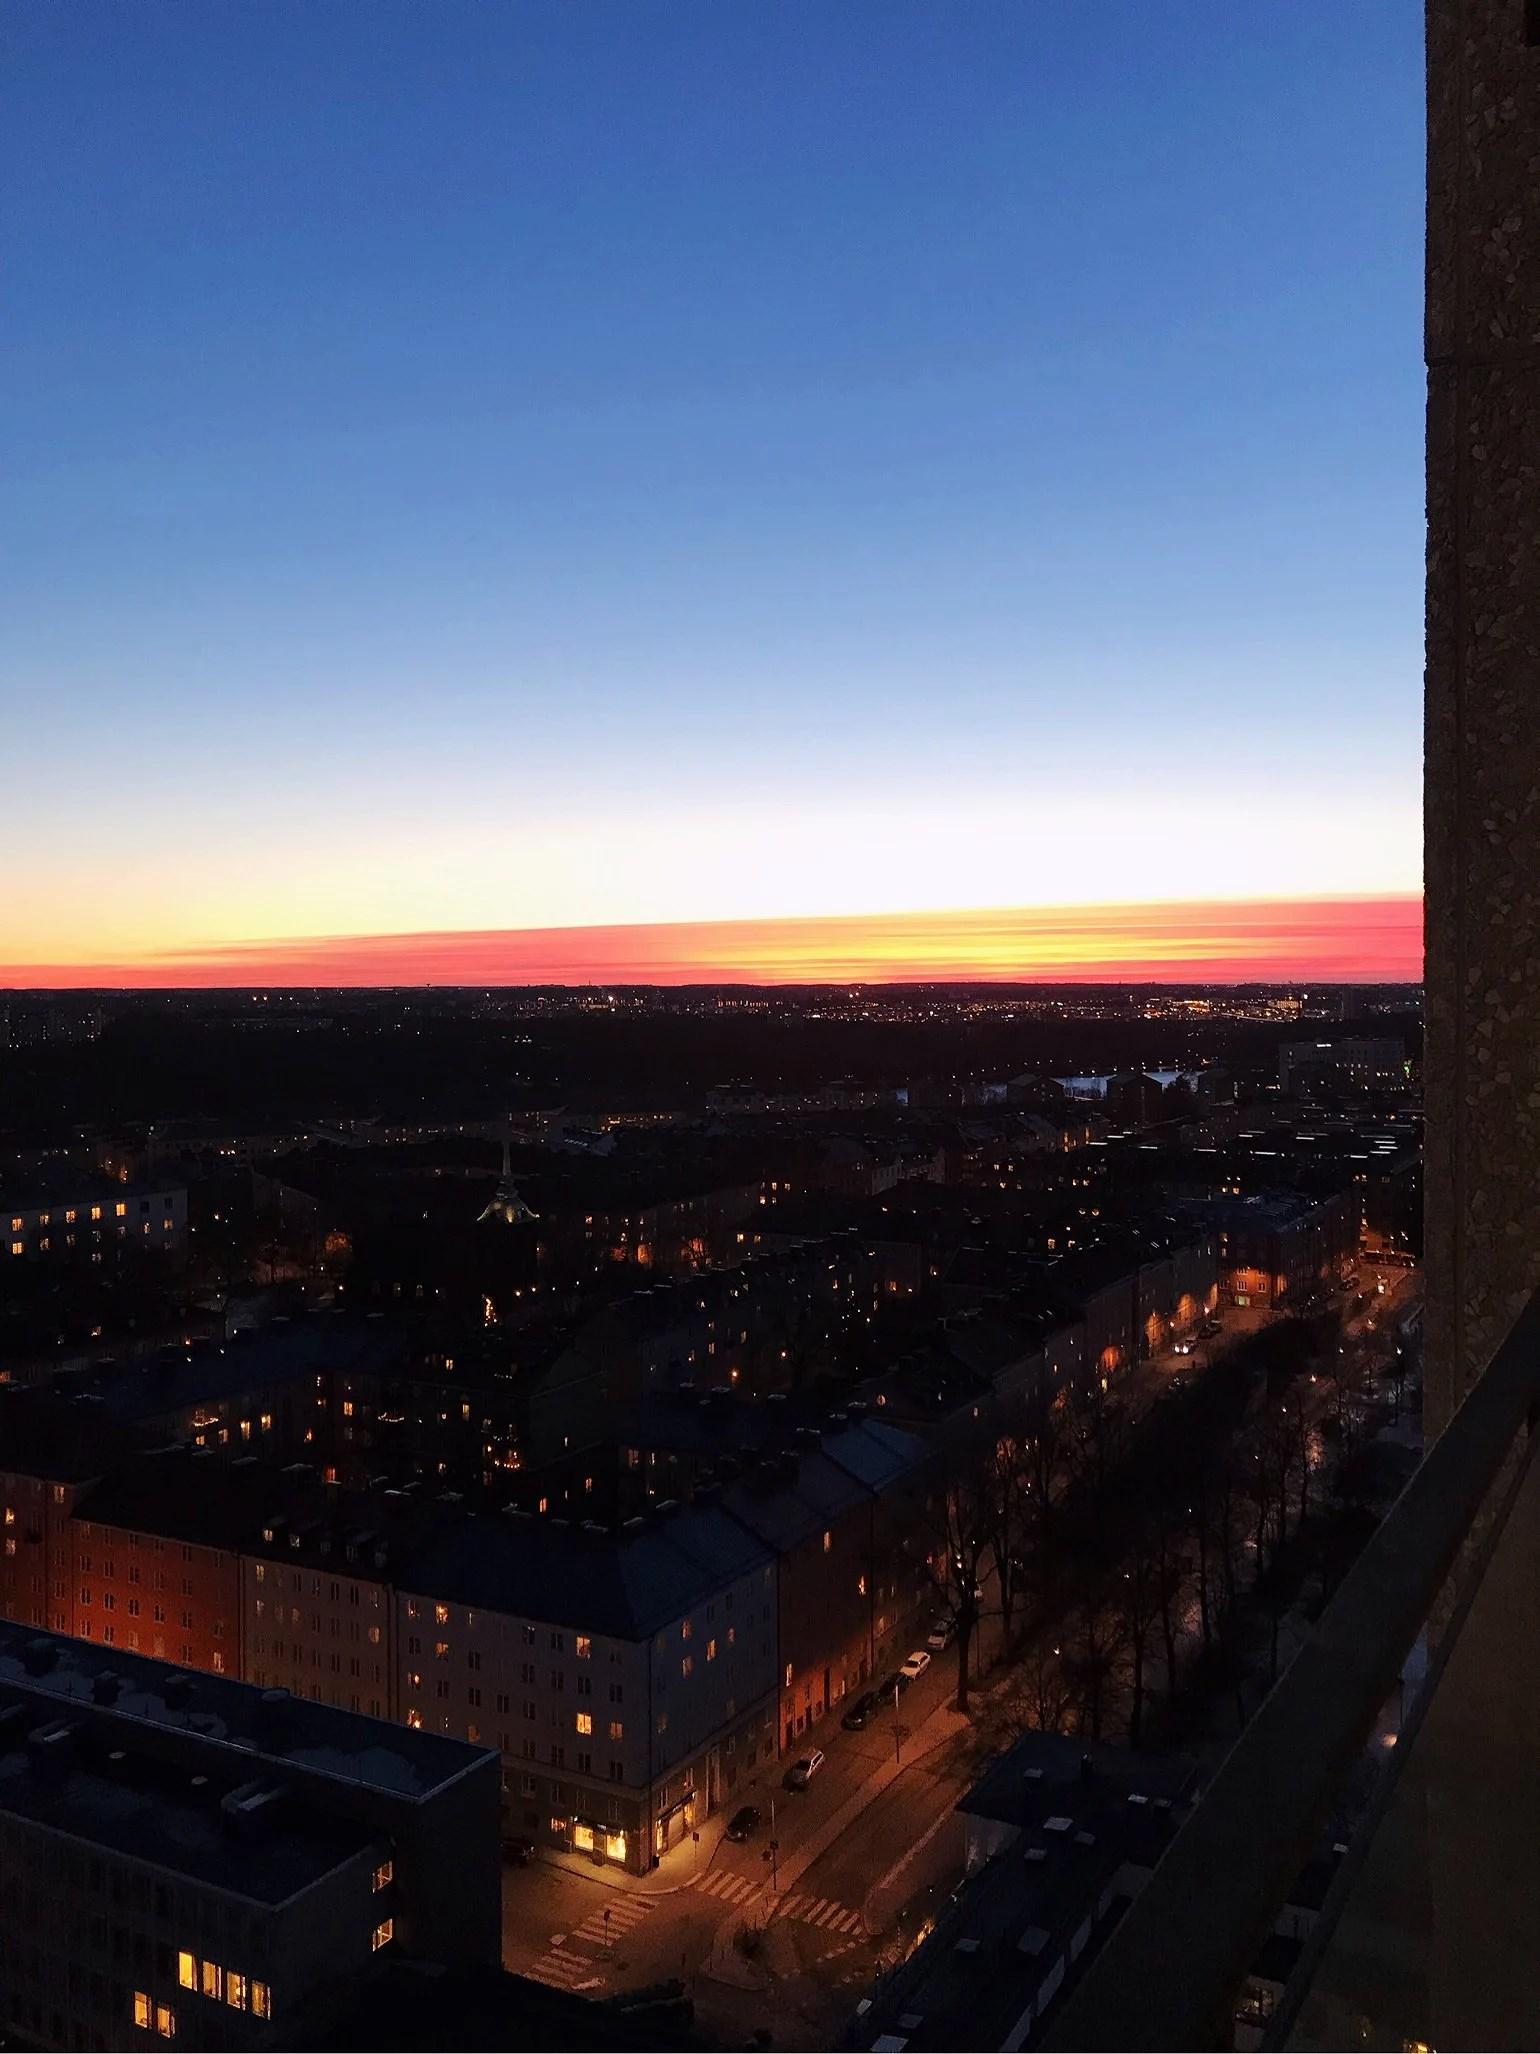 EN FREDAGKVÄLL I STOCKHOLM